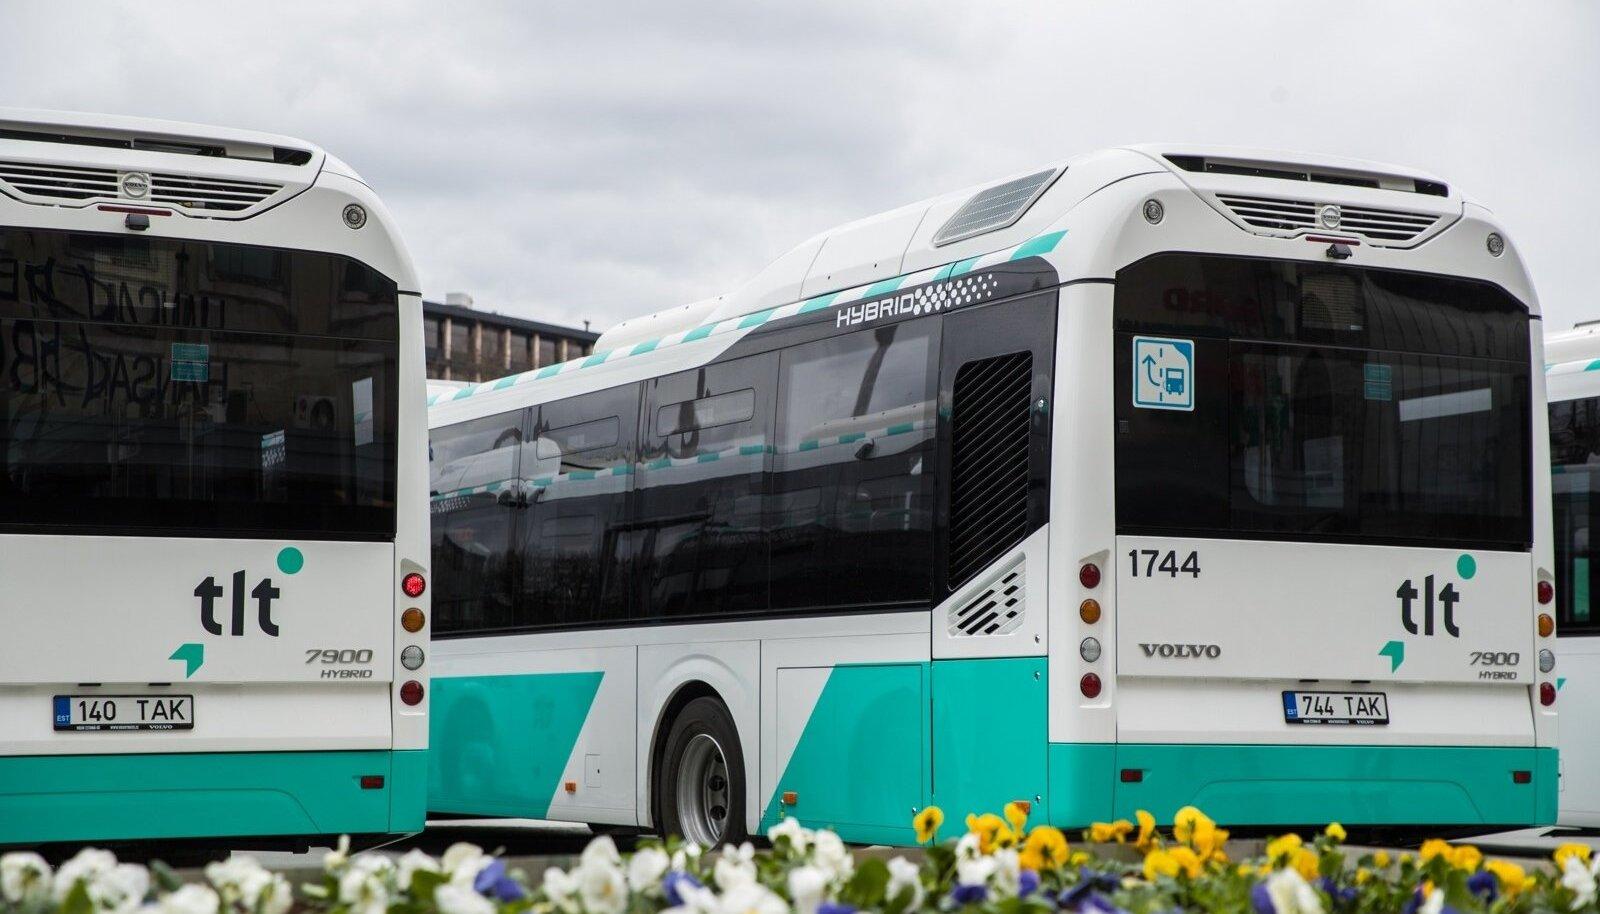 TLT bussid